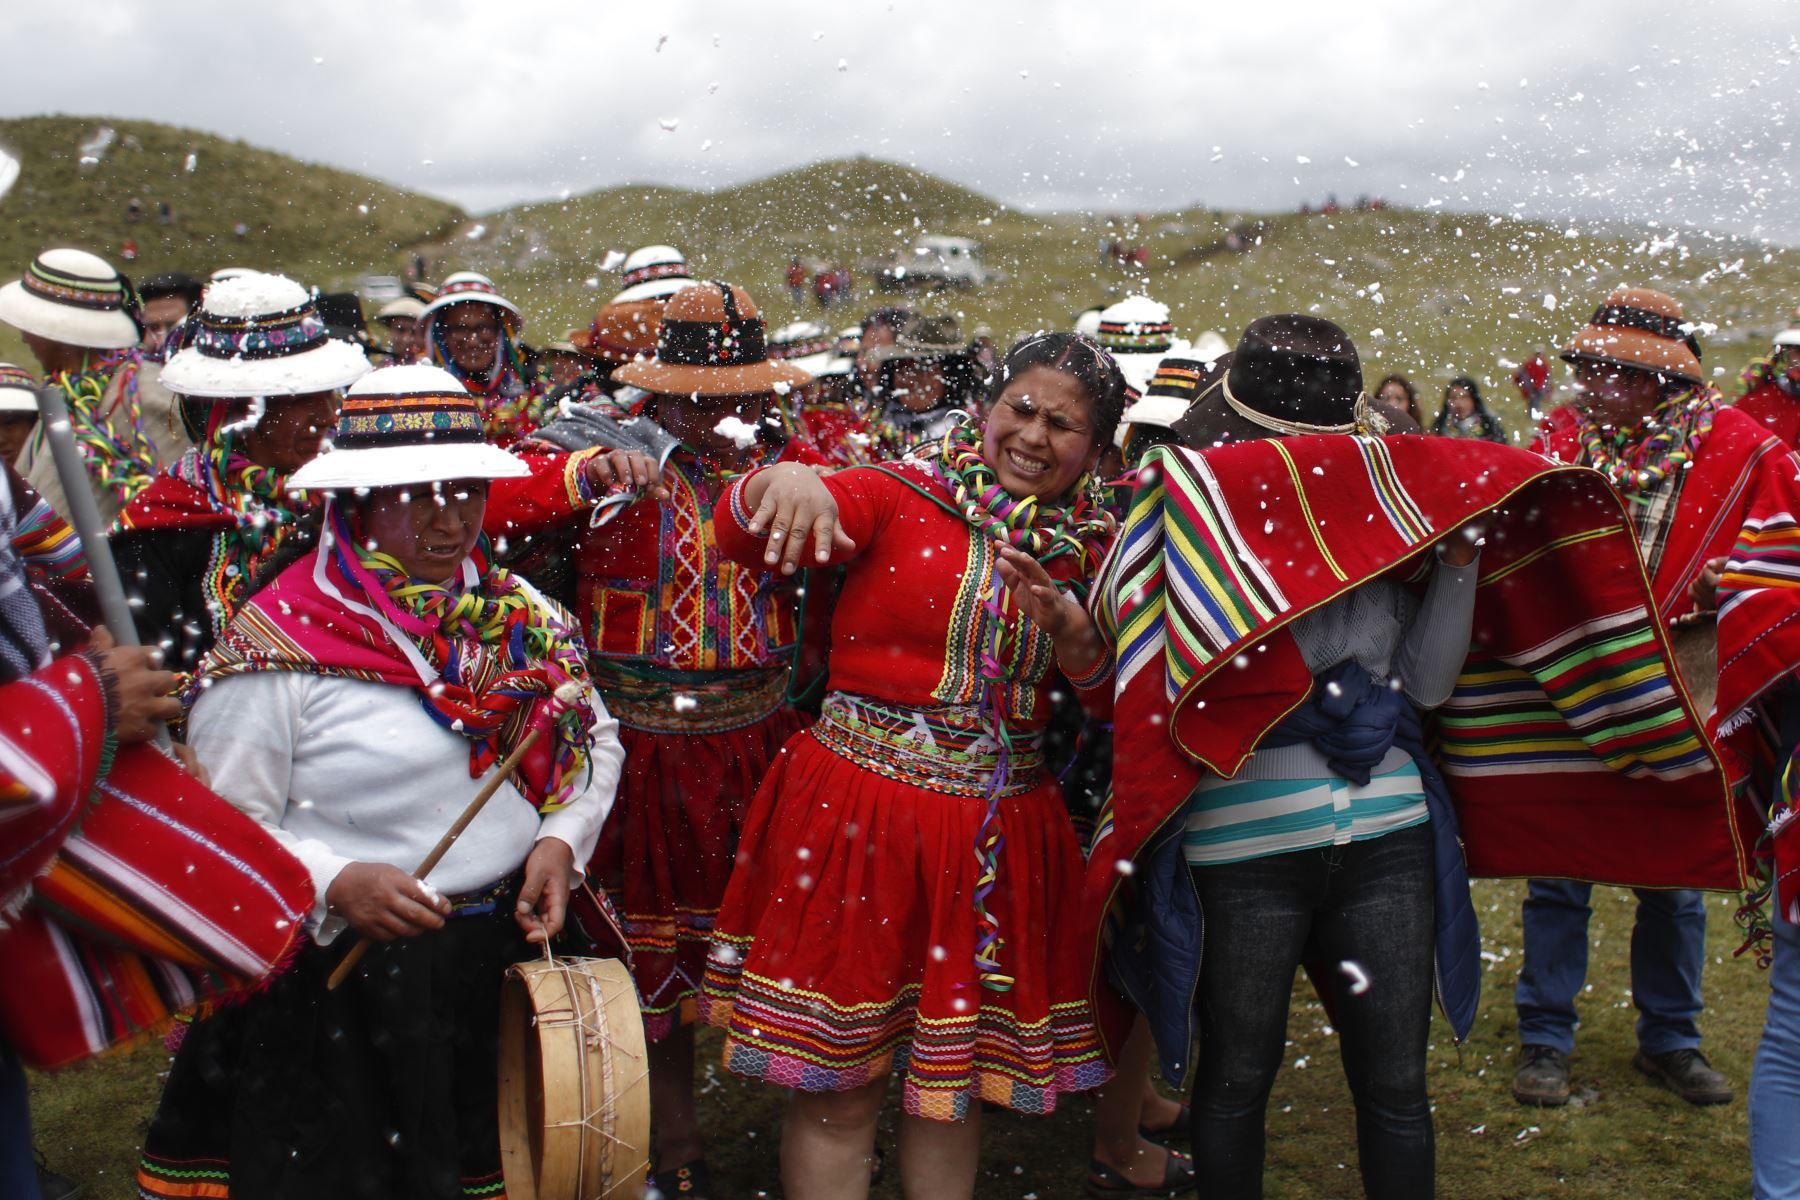 A ritmo de tambores y quenas, comunidades enteras llegan danzando hacía el corazón de la fiesta. Foto: ANDINA/Renato Pajuelo